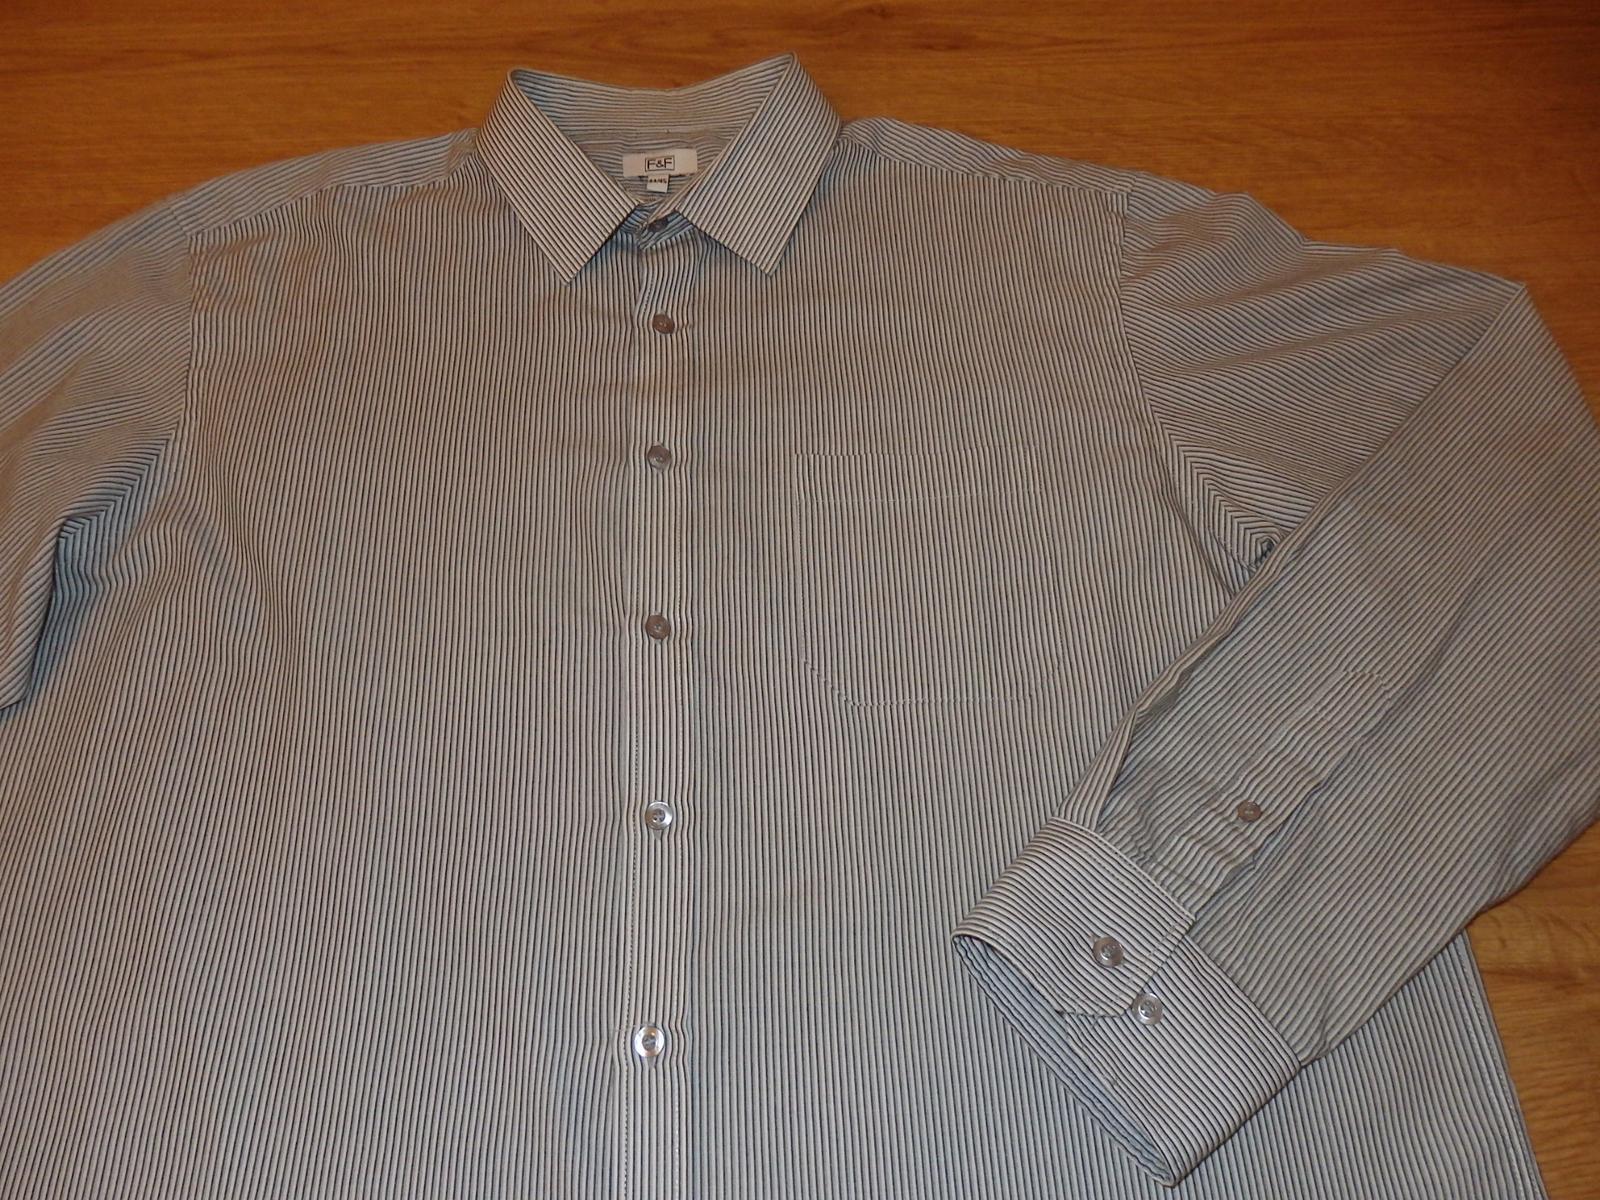 pásiková košeľa - Obrázok č. 3